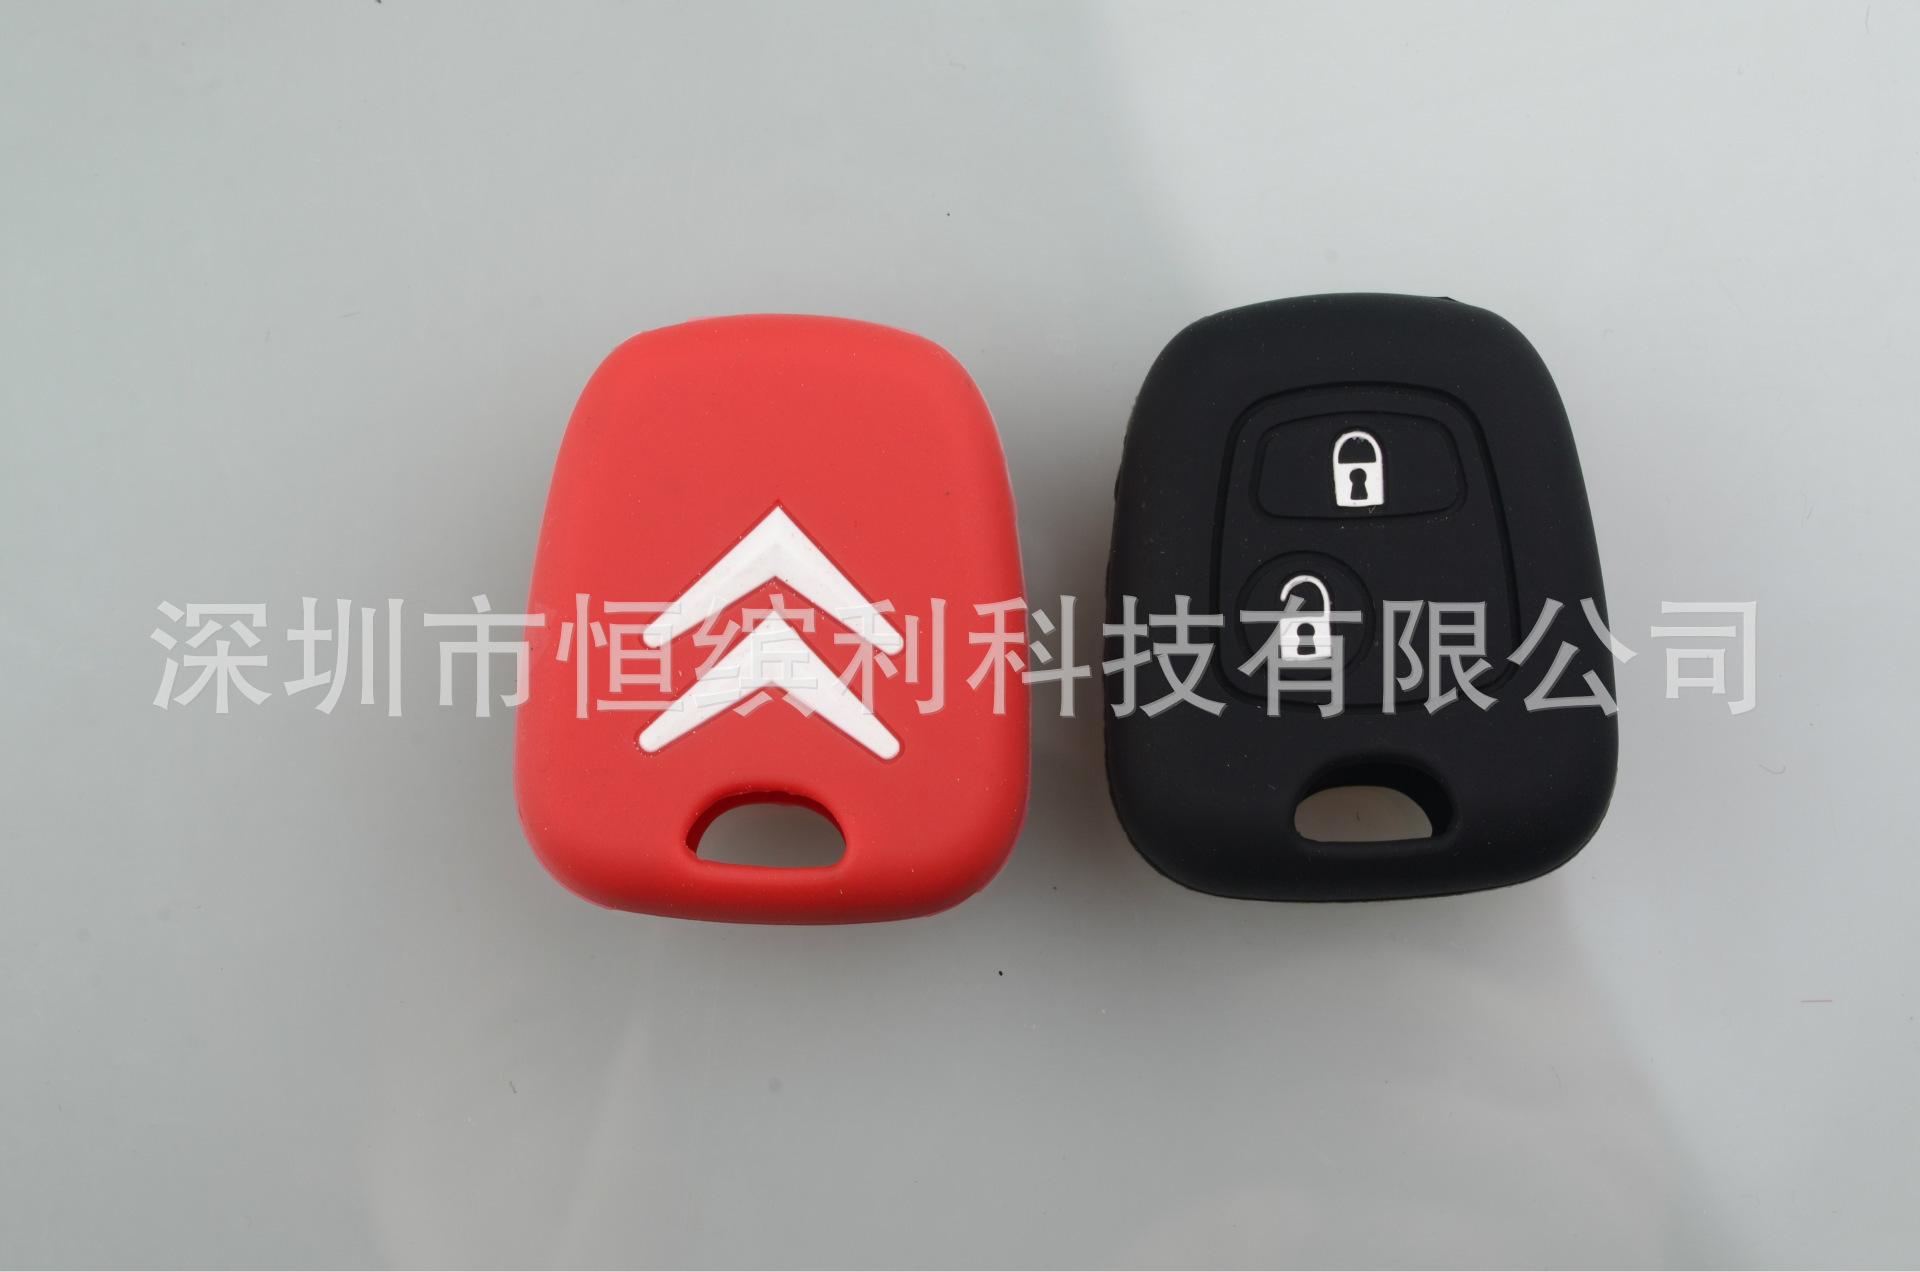 直销 硅胶汽车钥匙包,丰田本田标致雪铁龙硅胶钥匙套 -汽车钥匙包 高清图片